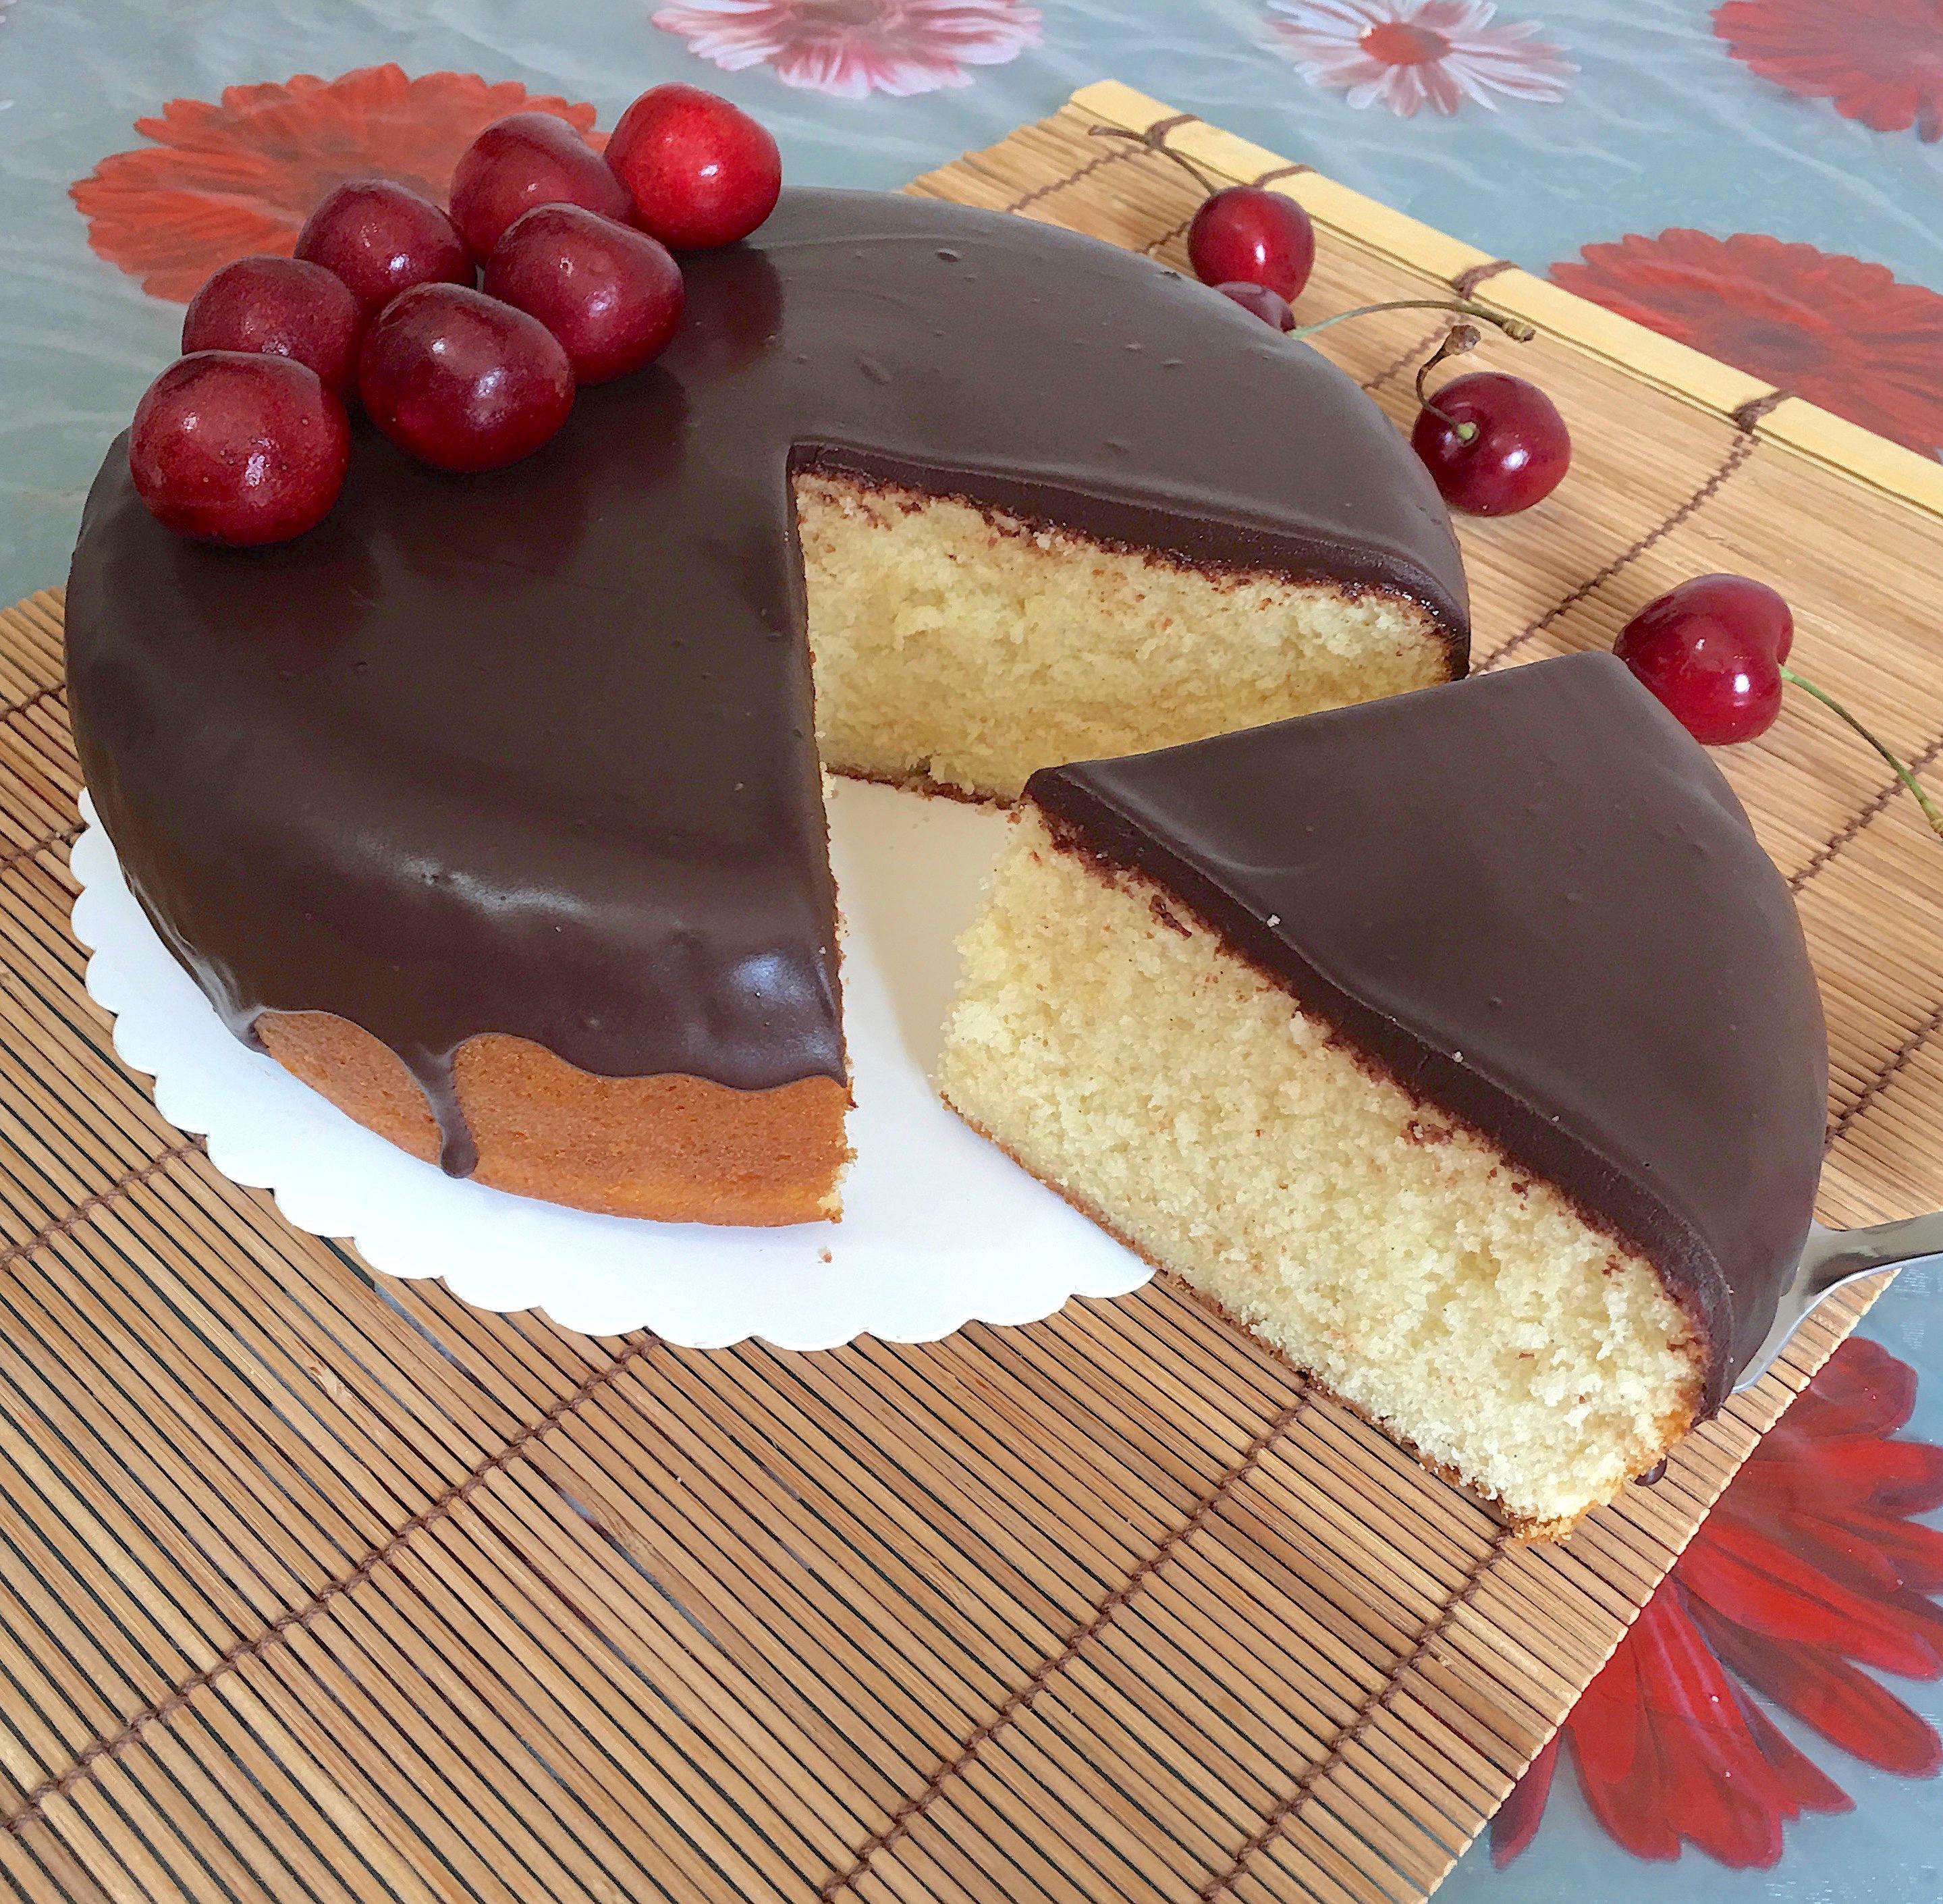 Ricetta Torta Al Cioccolato Glassata.Torta Alla Panna E Glassa Al Cioccolato Una Pigra In Cucina